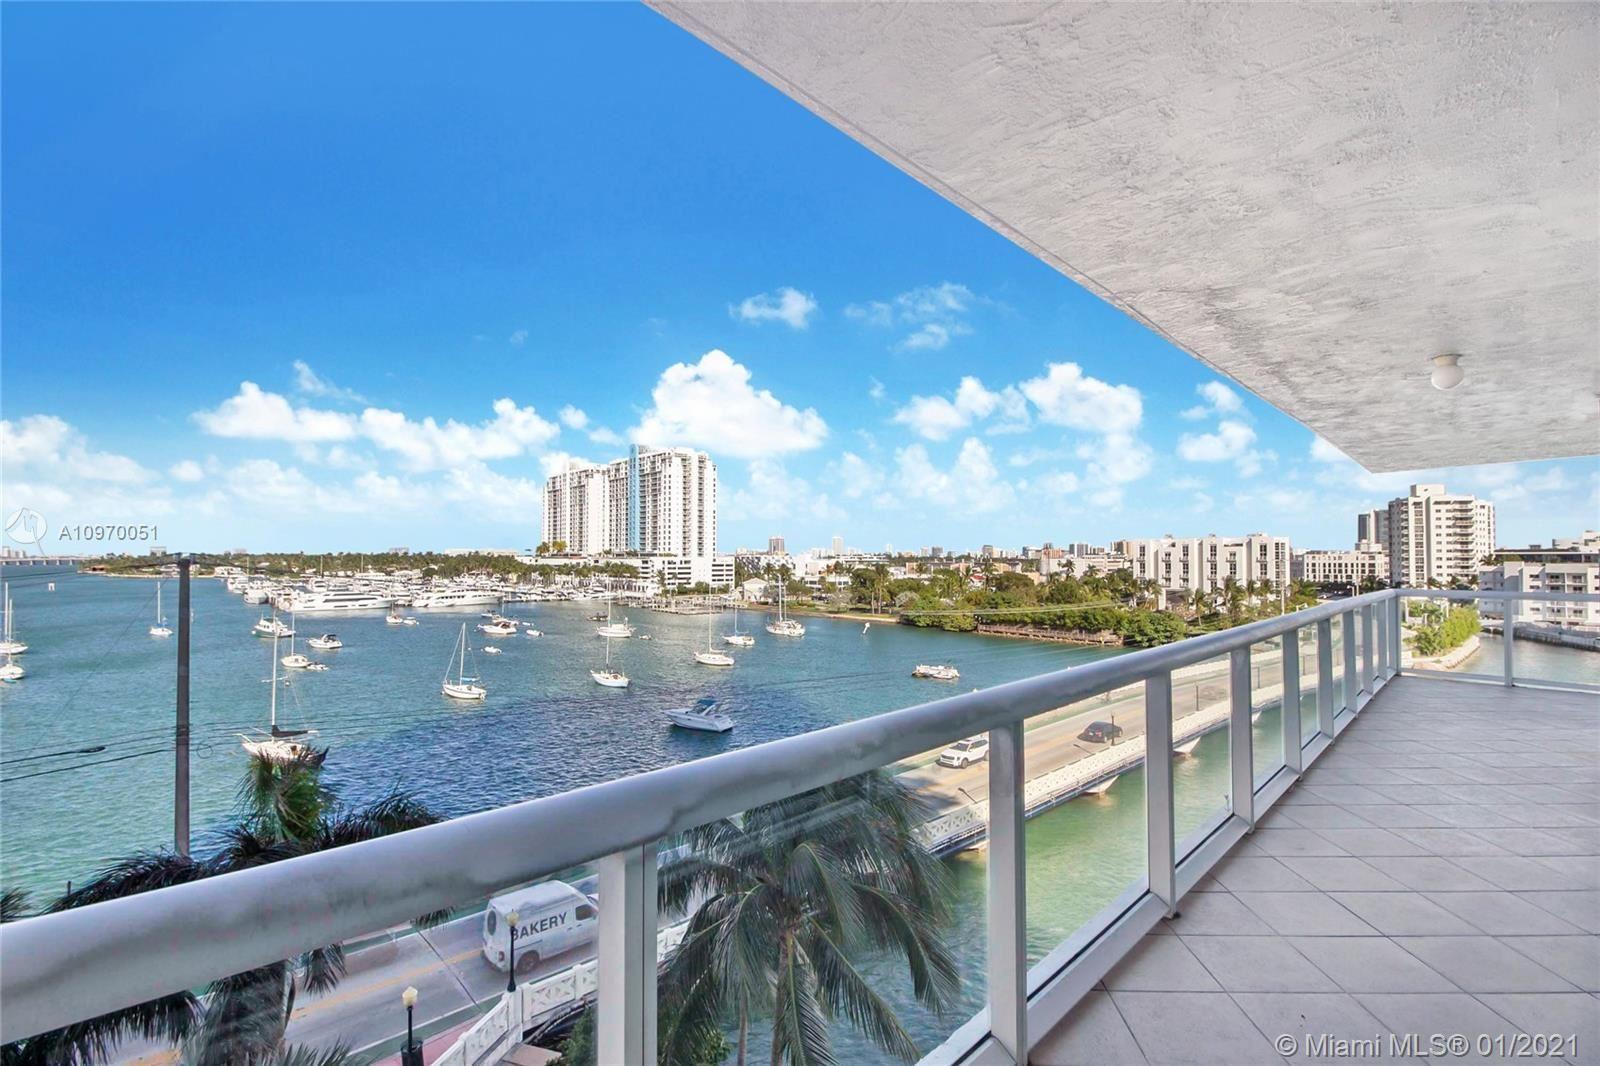 10 Venetian Way #604, Miami Beach, FL 33139 - #: A10970051